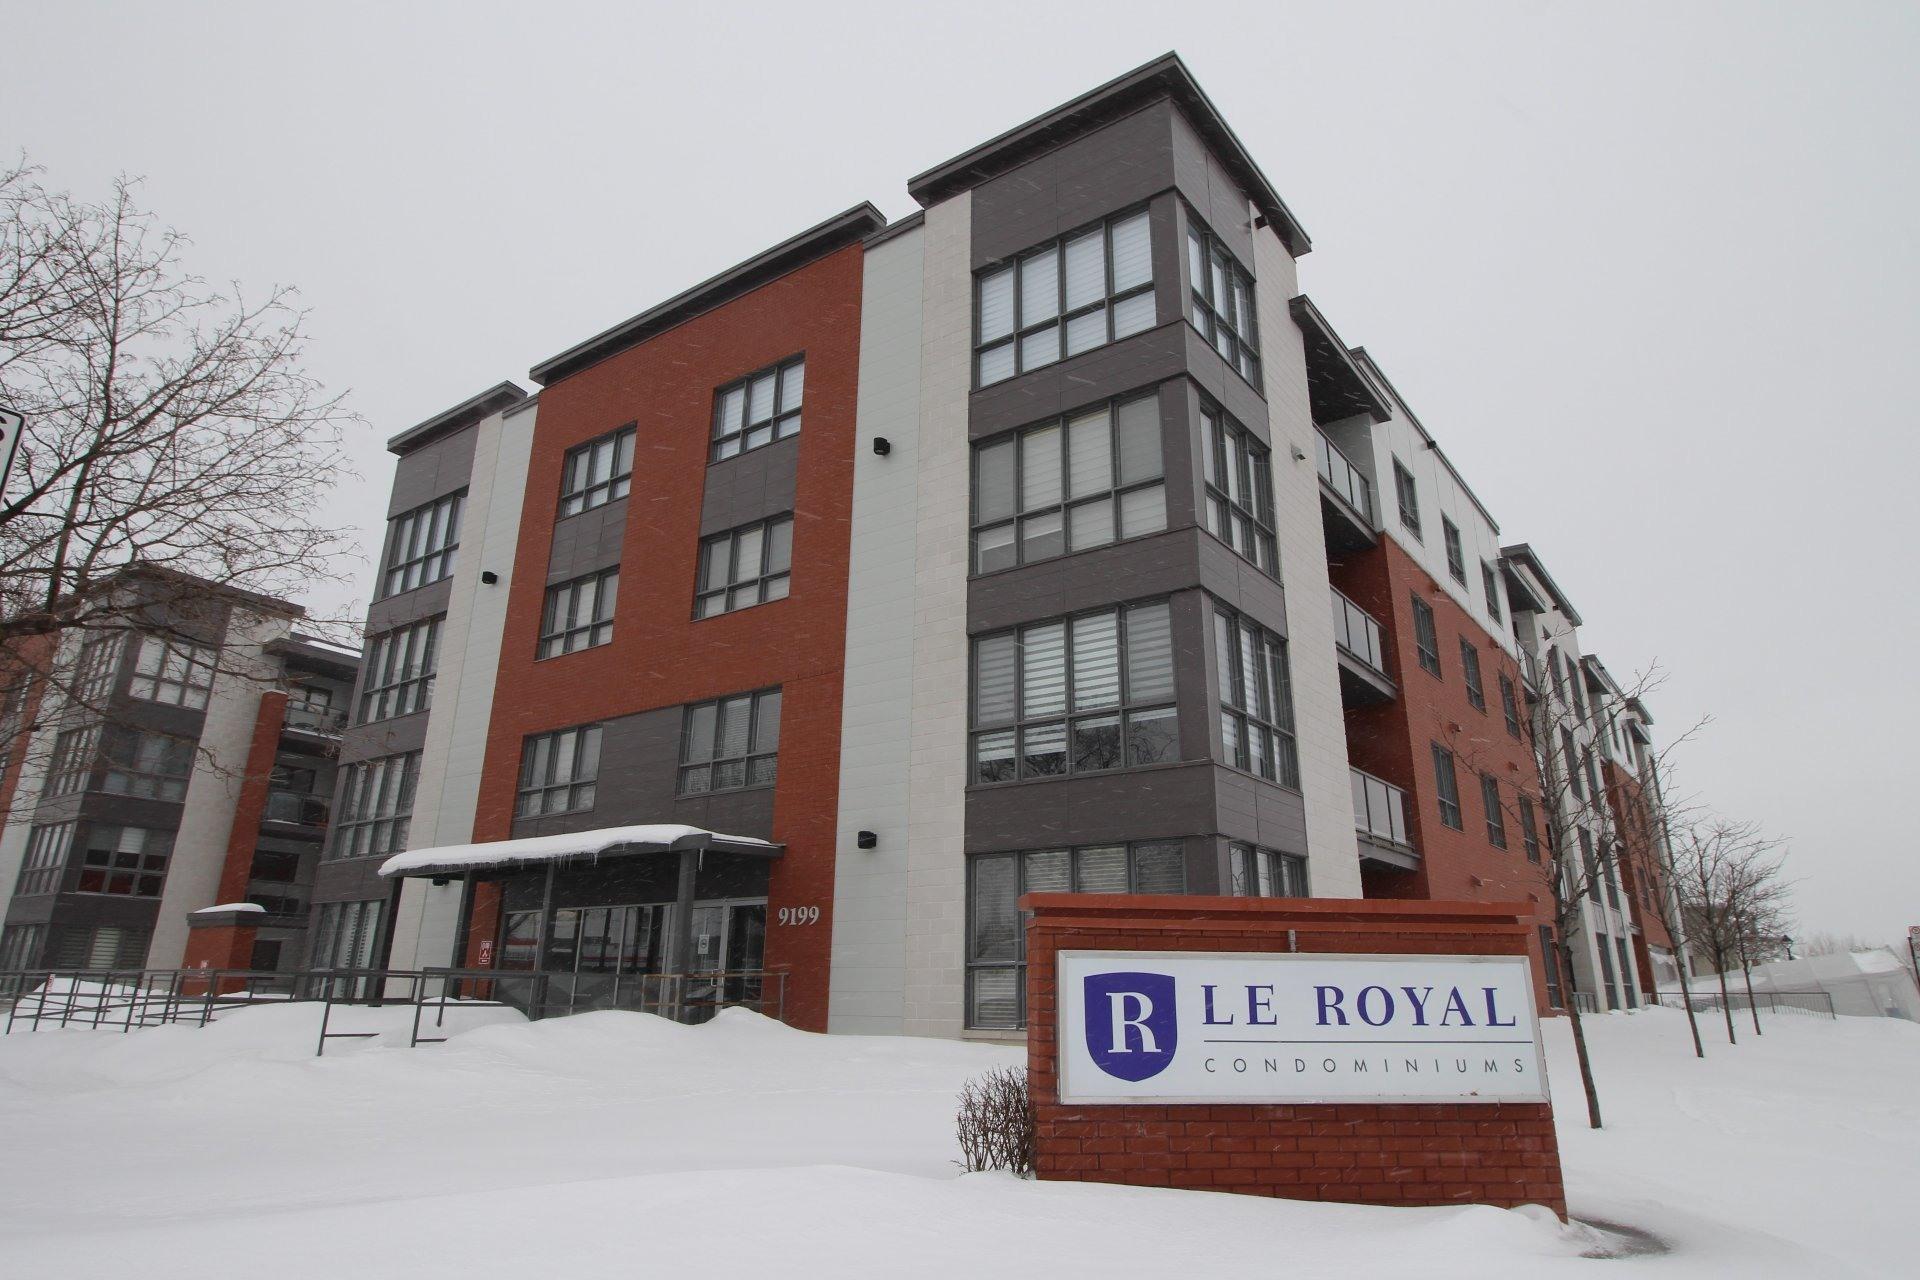 image 28 - Appartement À louer Rivière-des-Prairies/Pointe-aux-Trembles Montréal  - 6 pièces